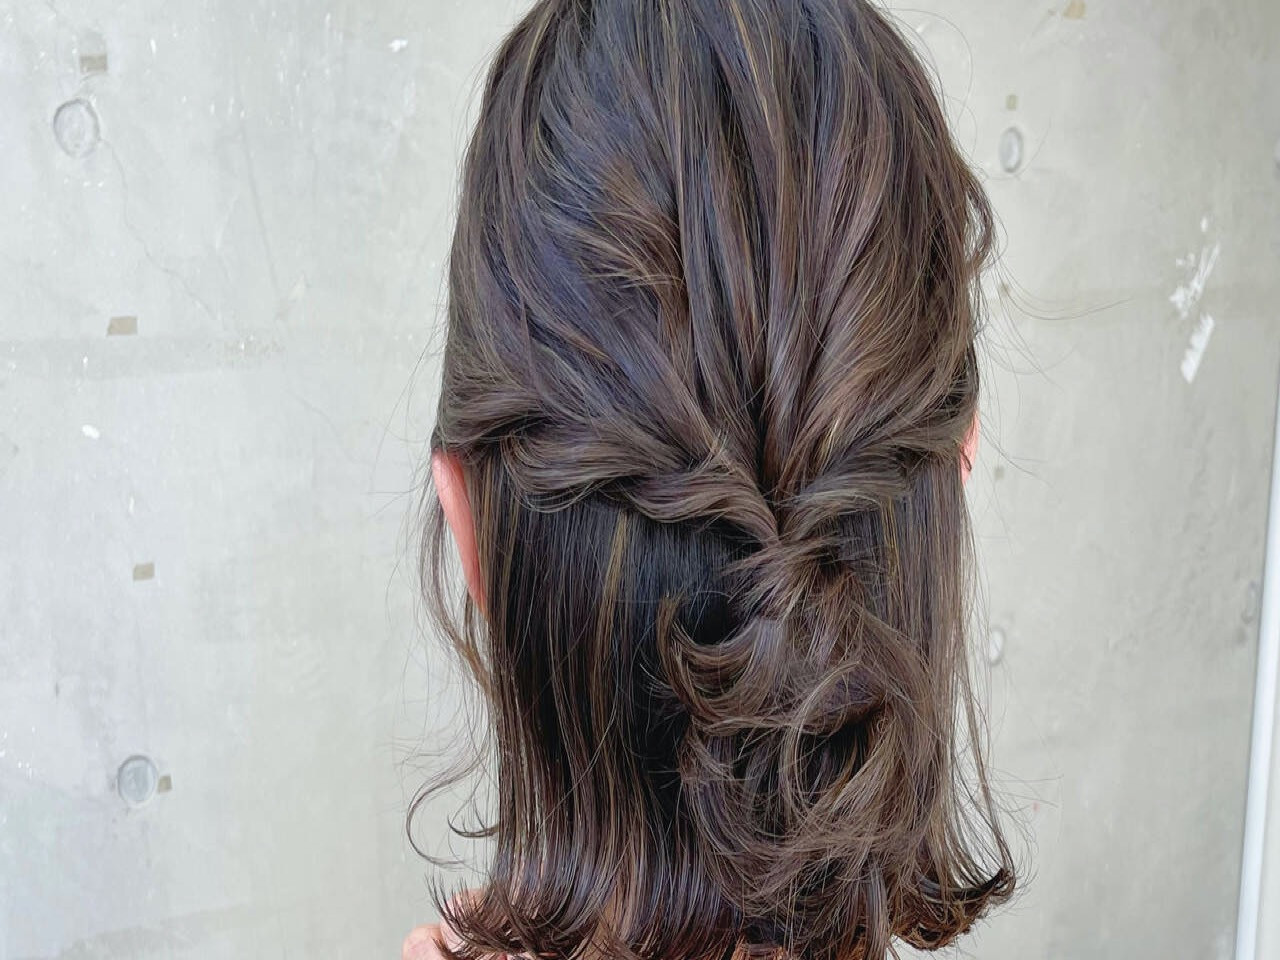 今日の髪どうする? | 簡単セルフヘアアレンジ【ボブ】